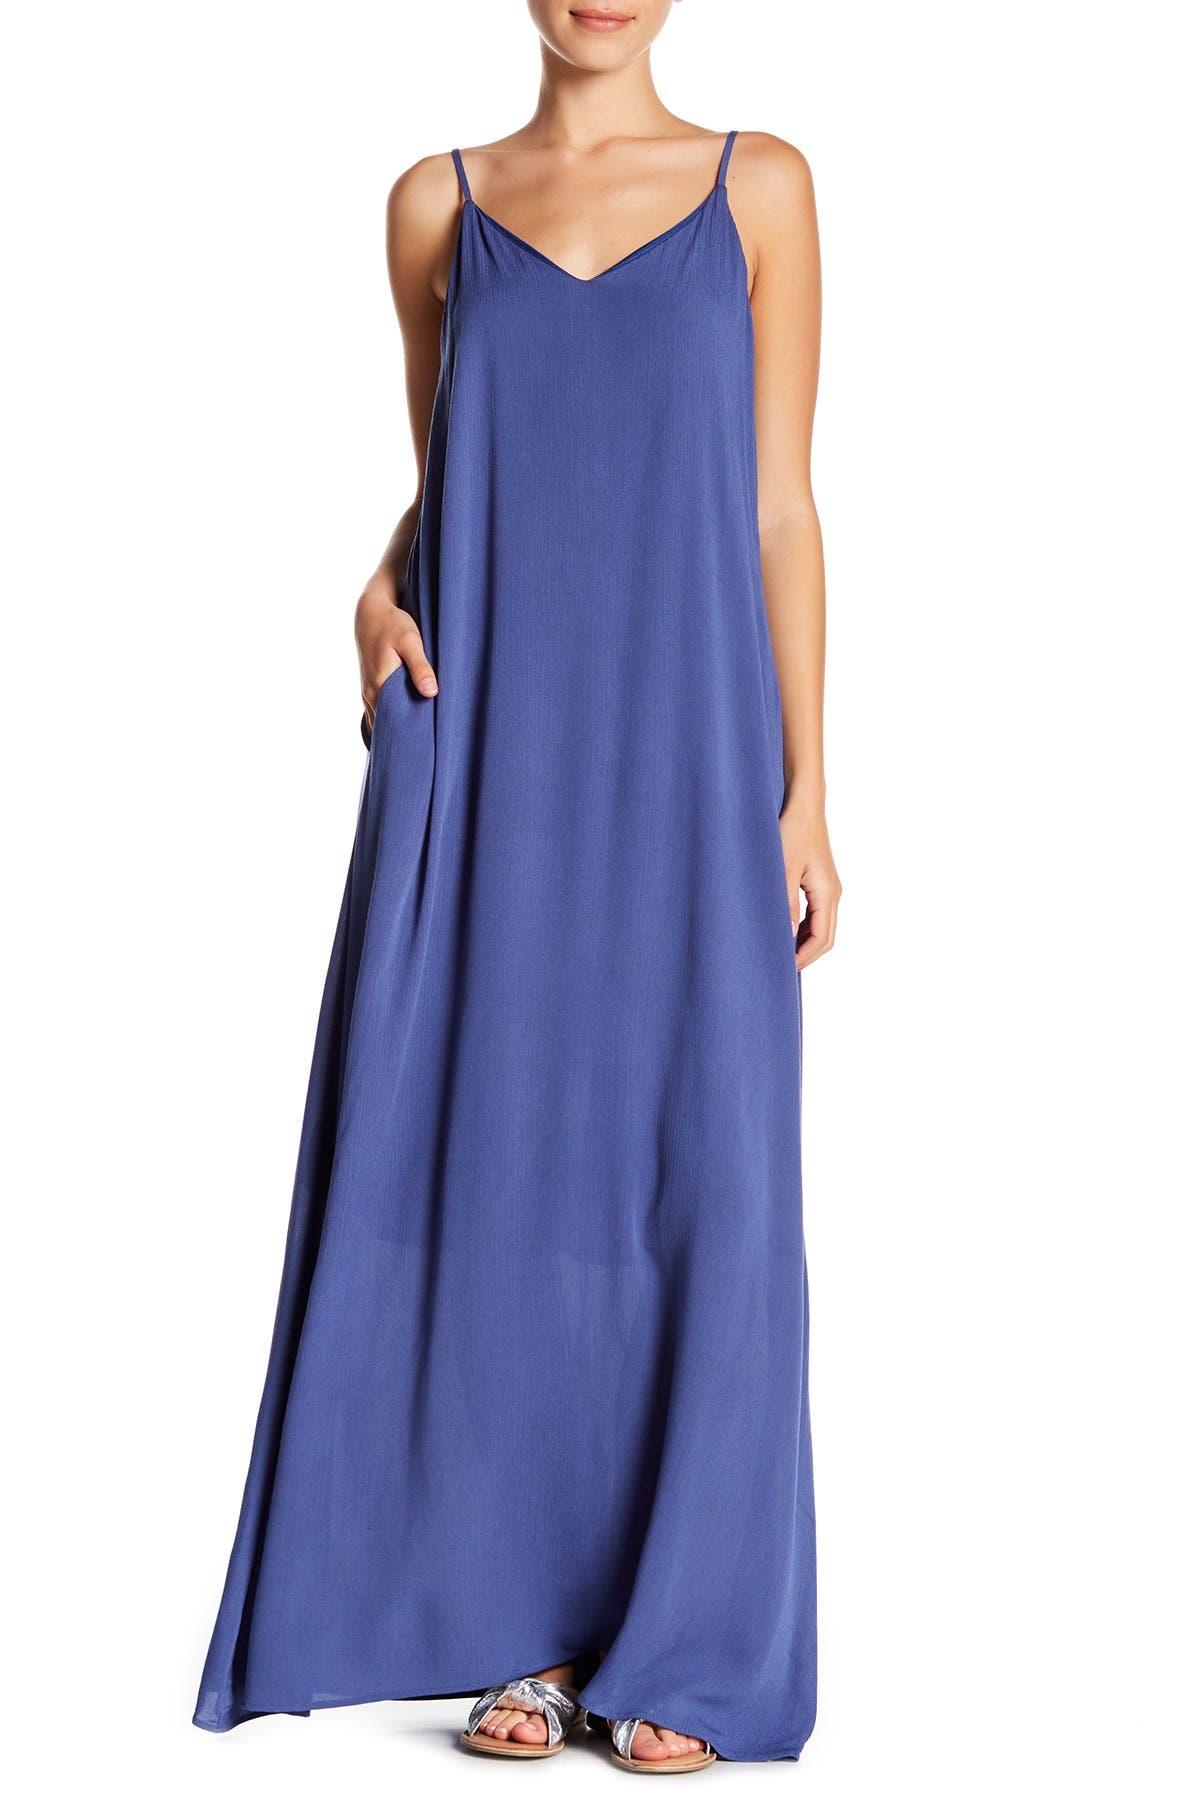 Image of WEST KEI V-Neck Gauze Maxi Dress